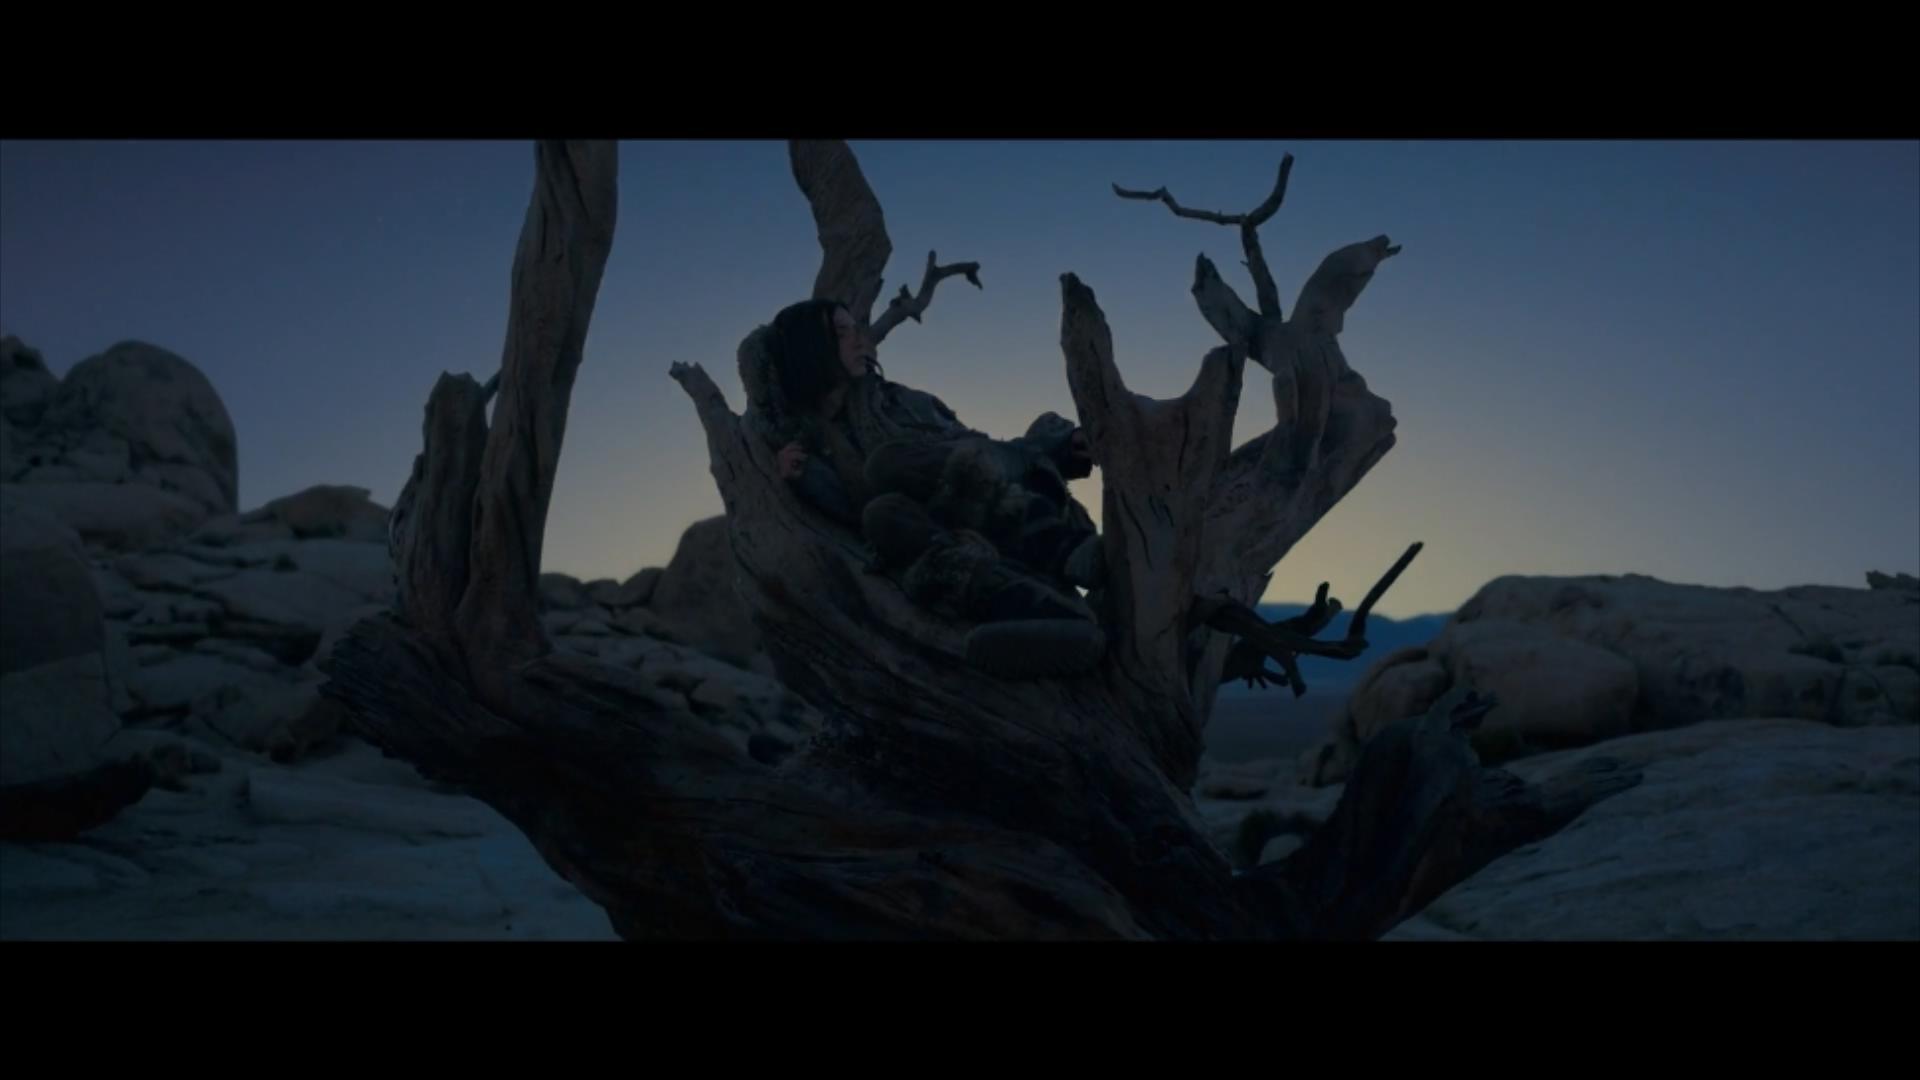 2018《阿尔法:狼伴归途》2700字,7分钟剧情解说稿-第4张图片